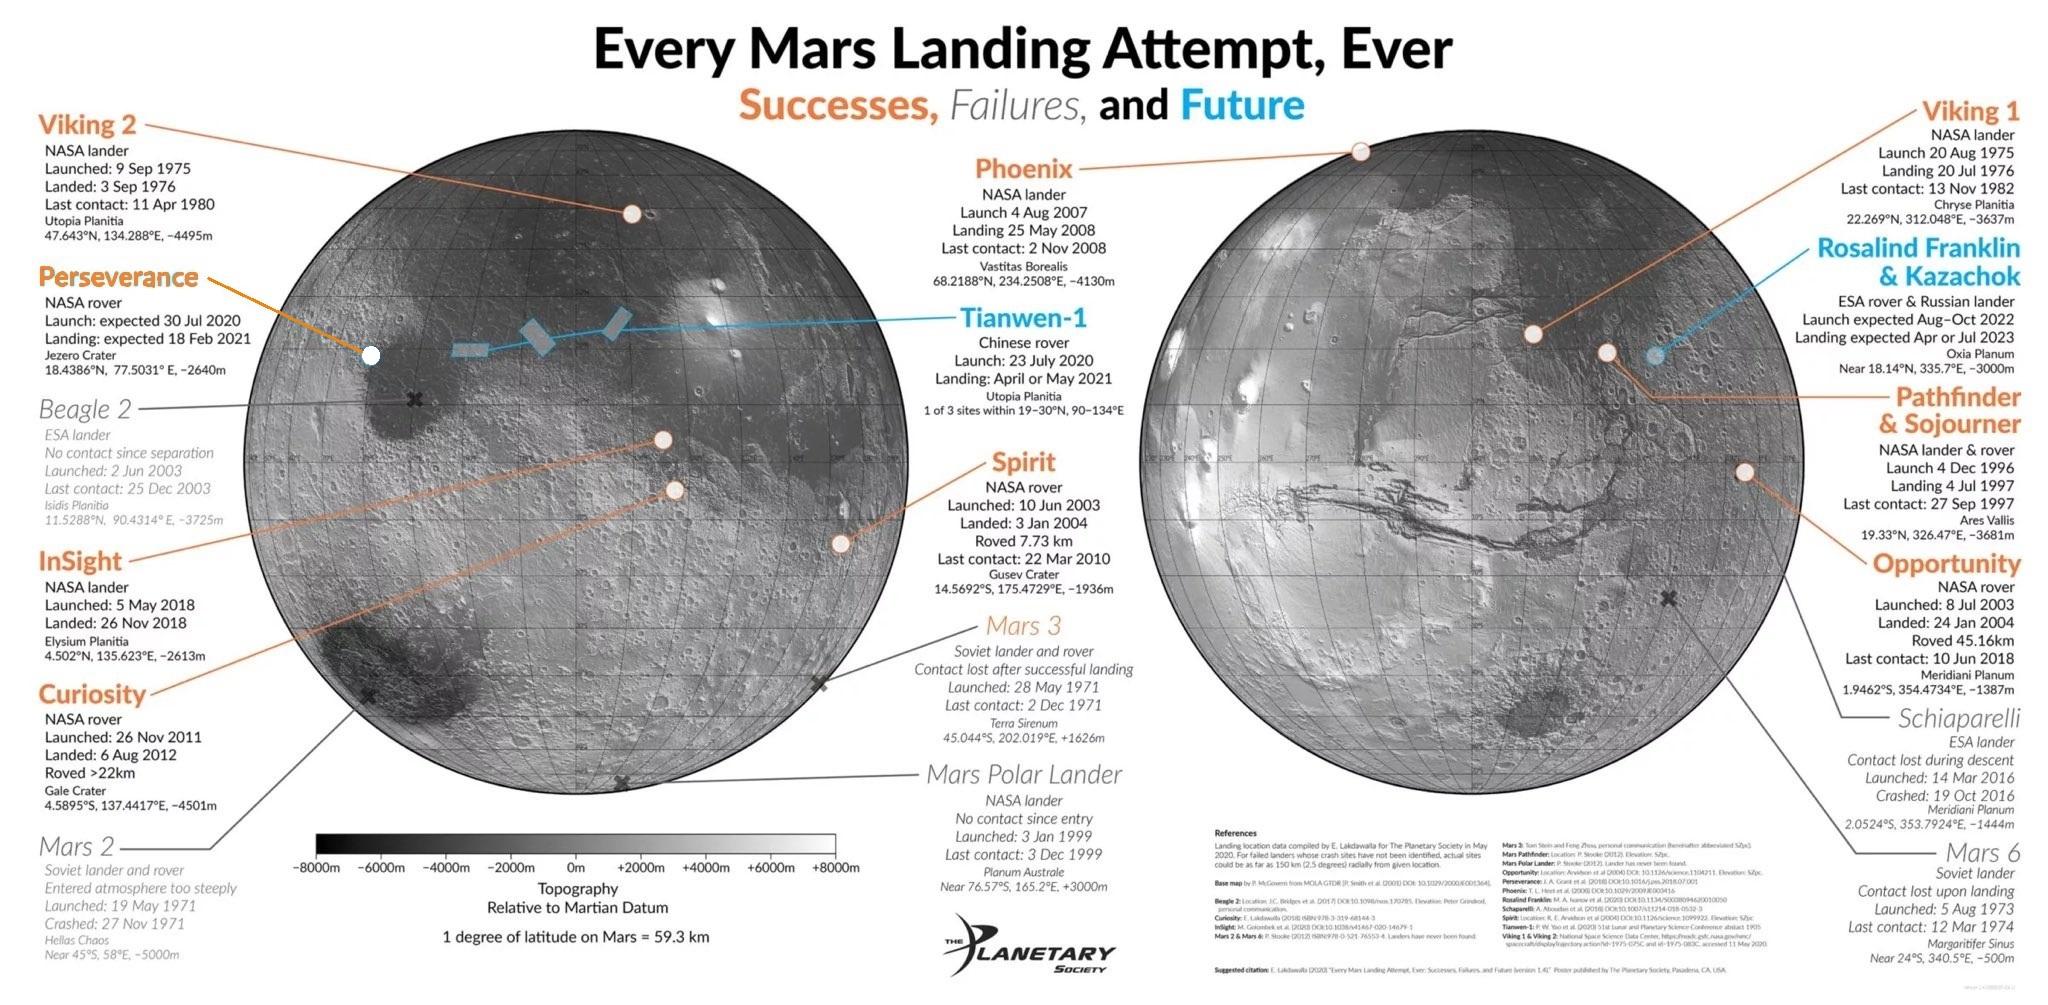 Les tentatives d'atterrissage sur Mars 11809